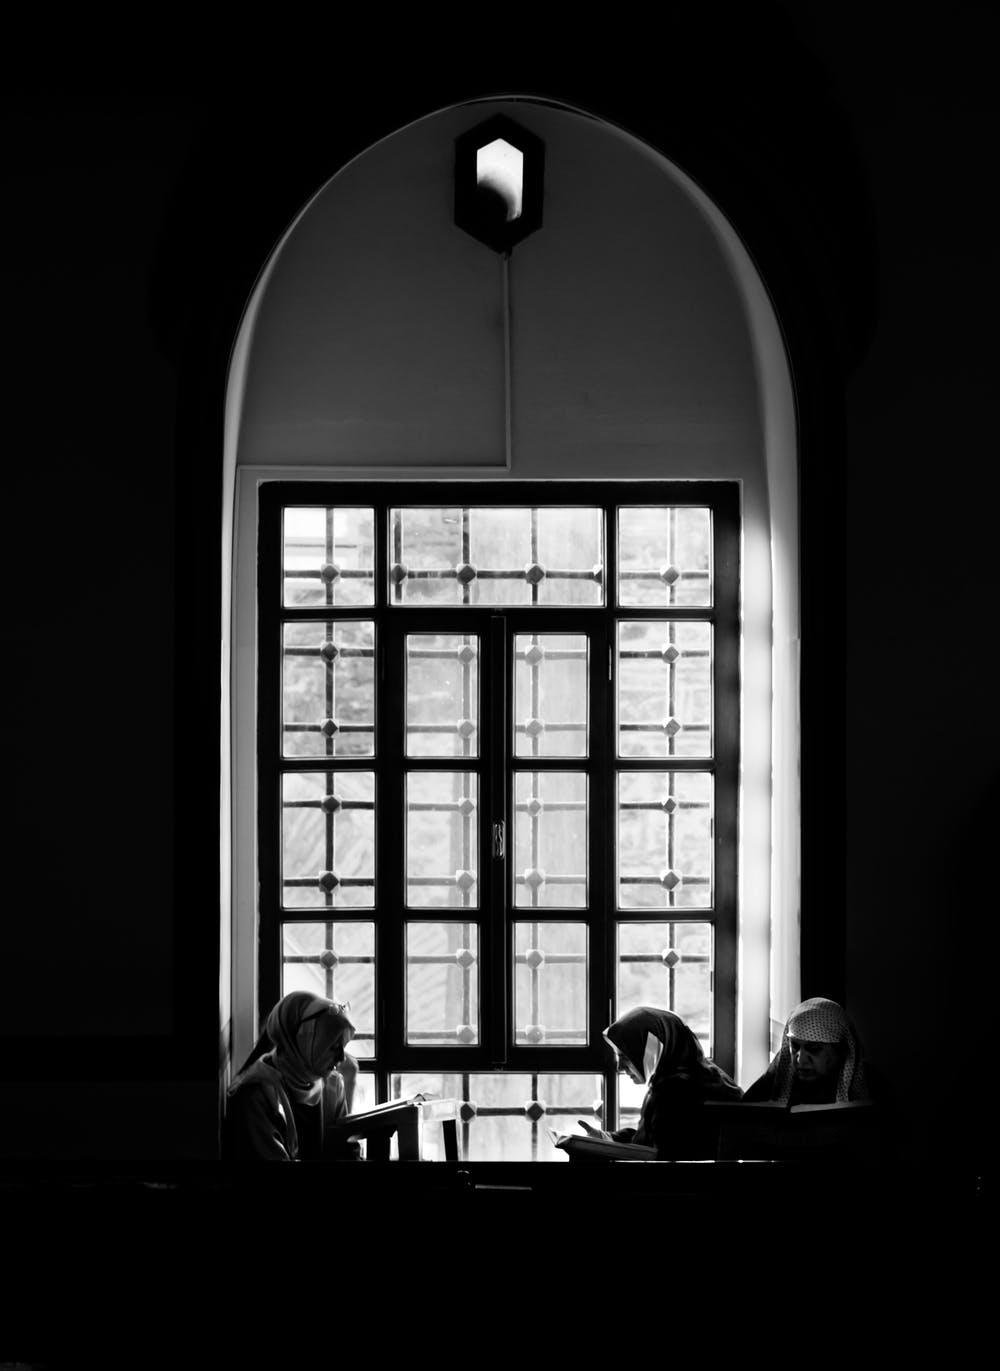 Monjas frente a una ventana. | Foto: Pexels